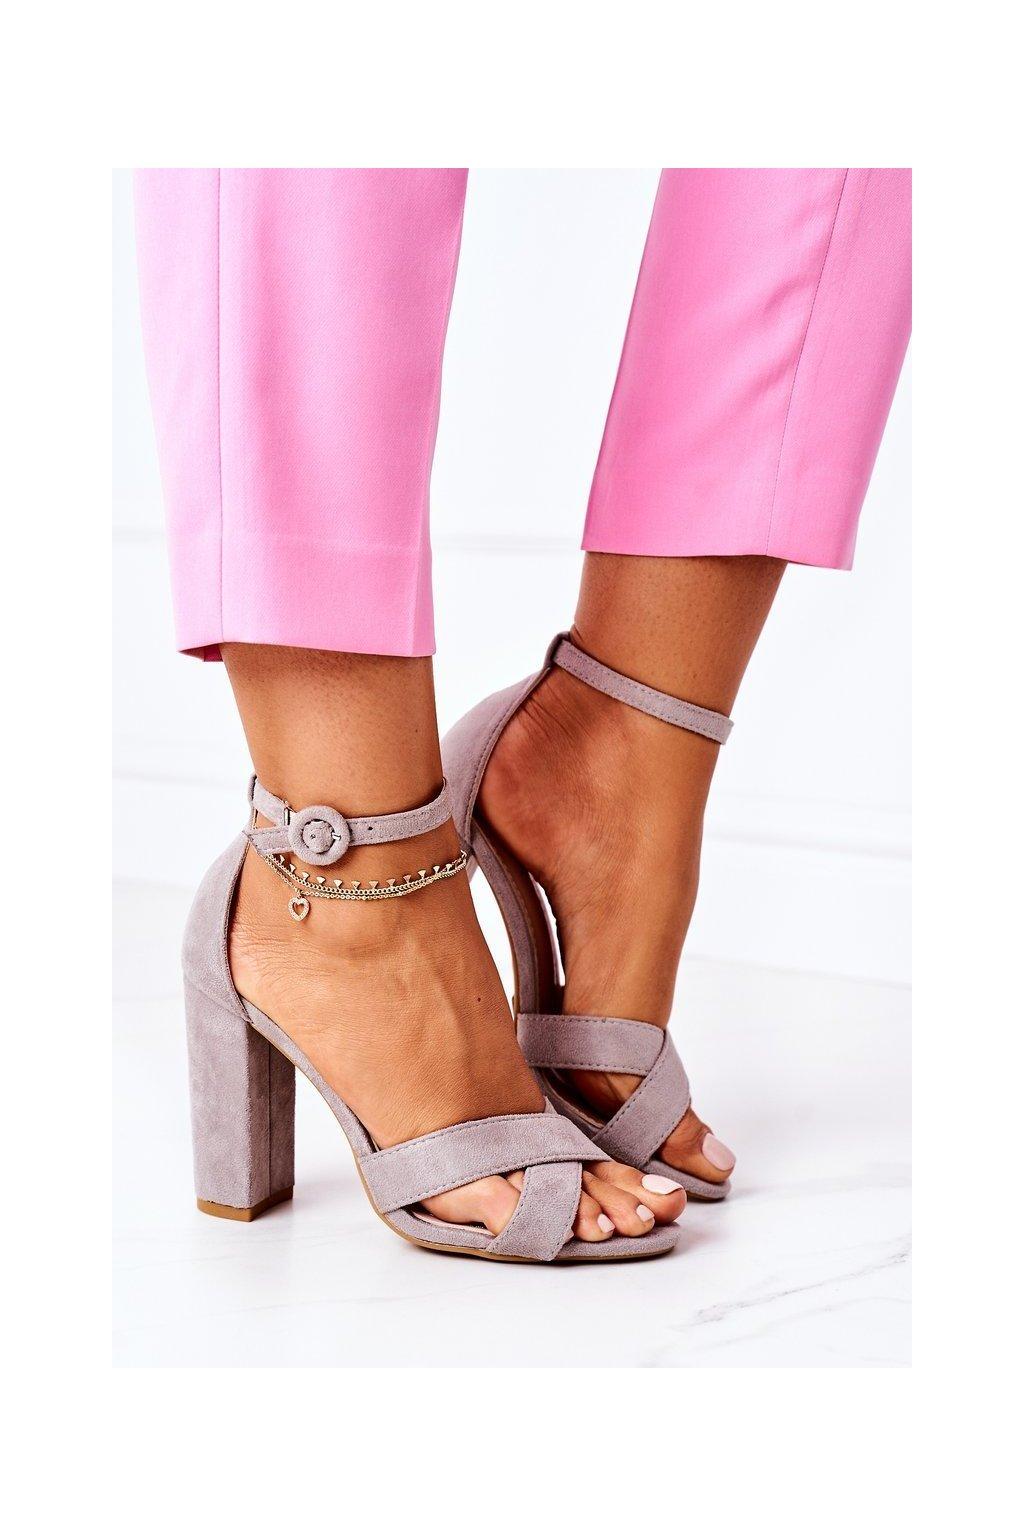 Dámske Sandále na podpätku semišové sivé Telmen